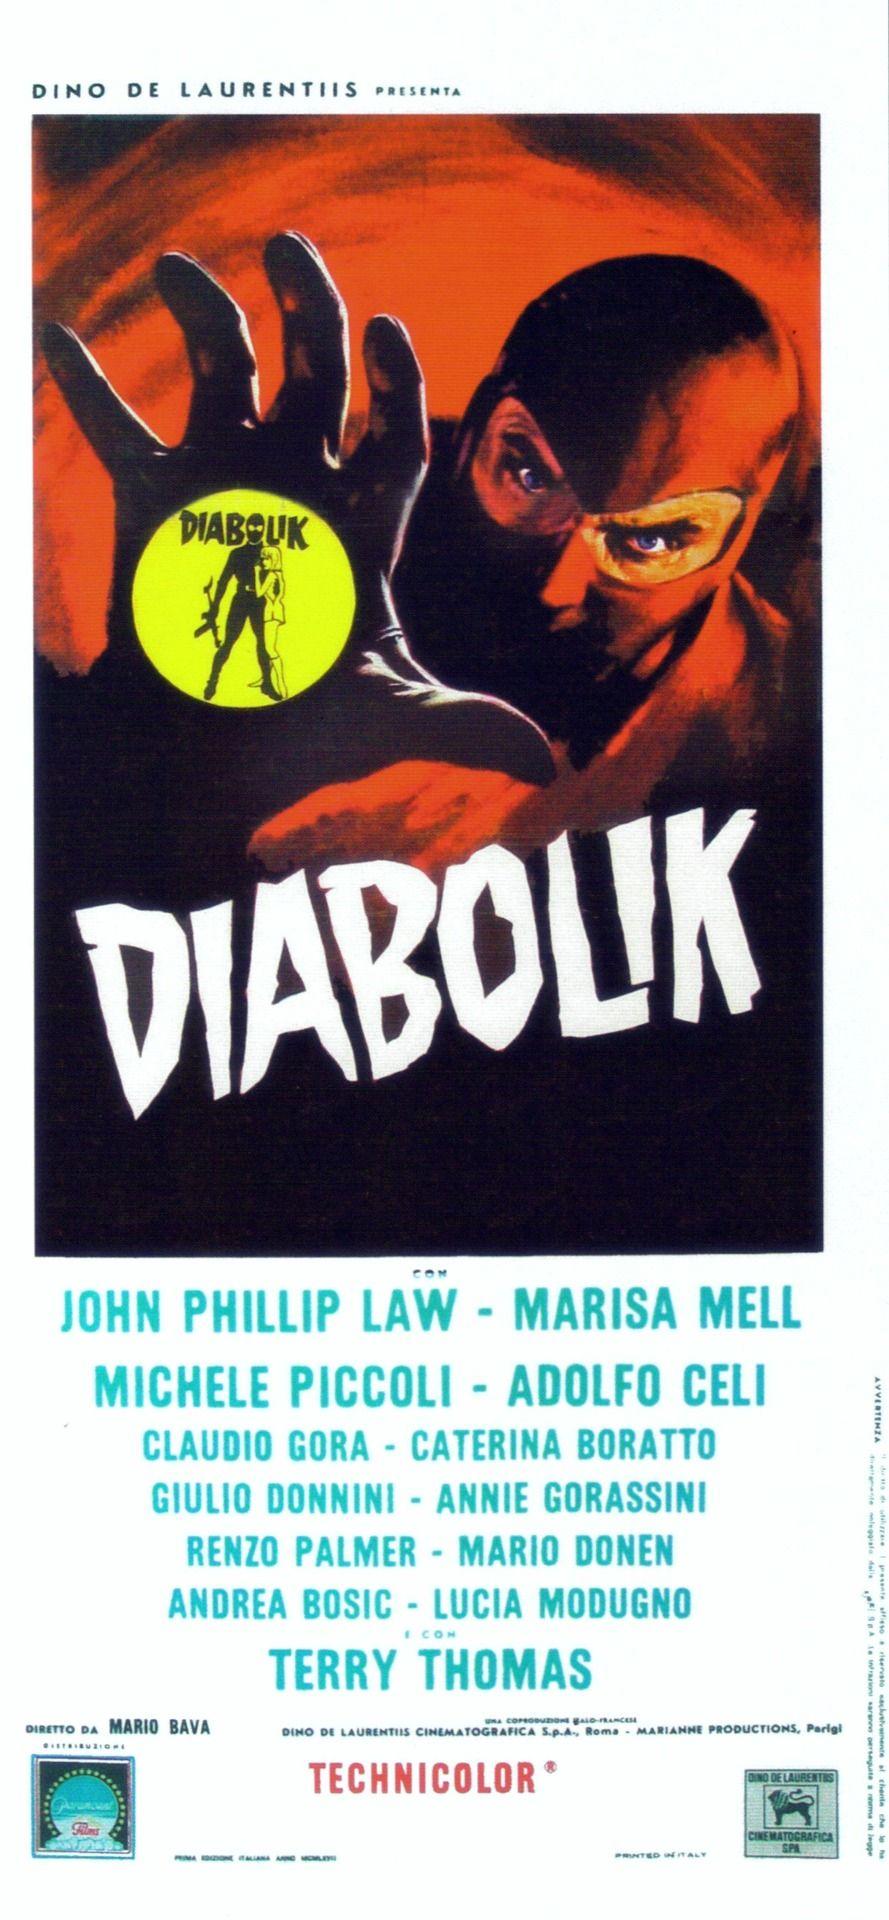 Diabolik, 1968 - Italian poster